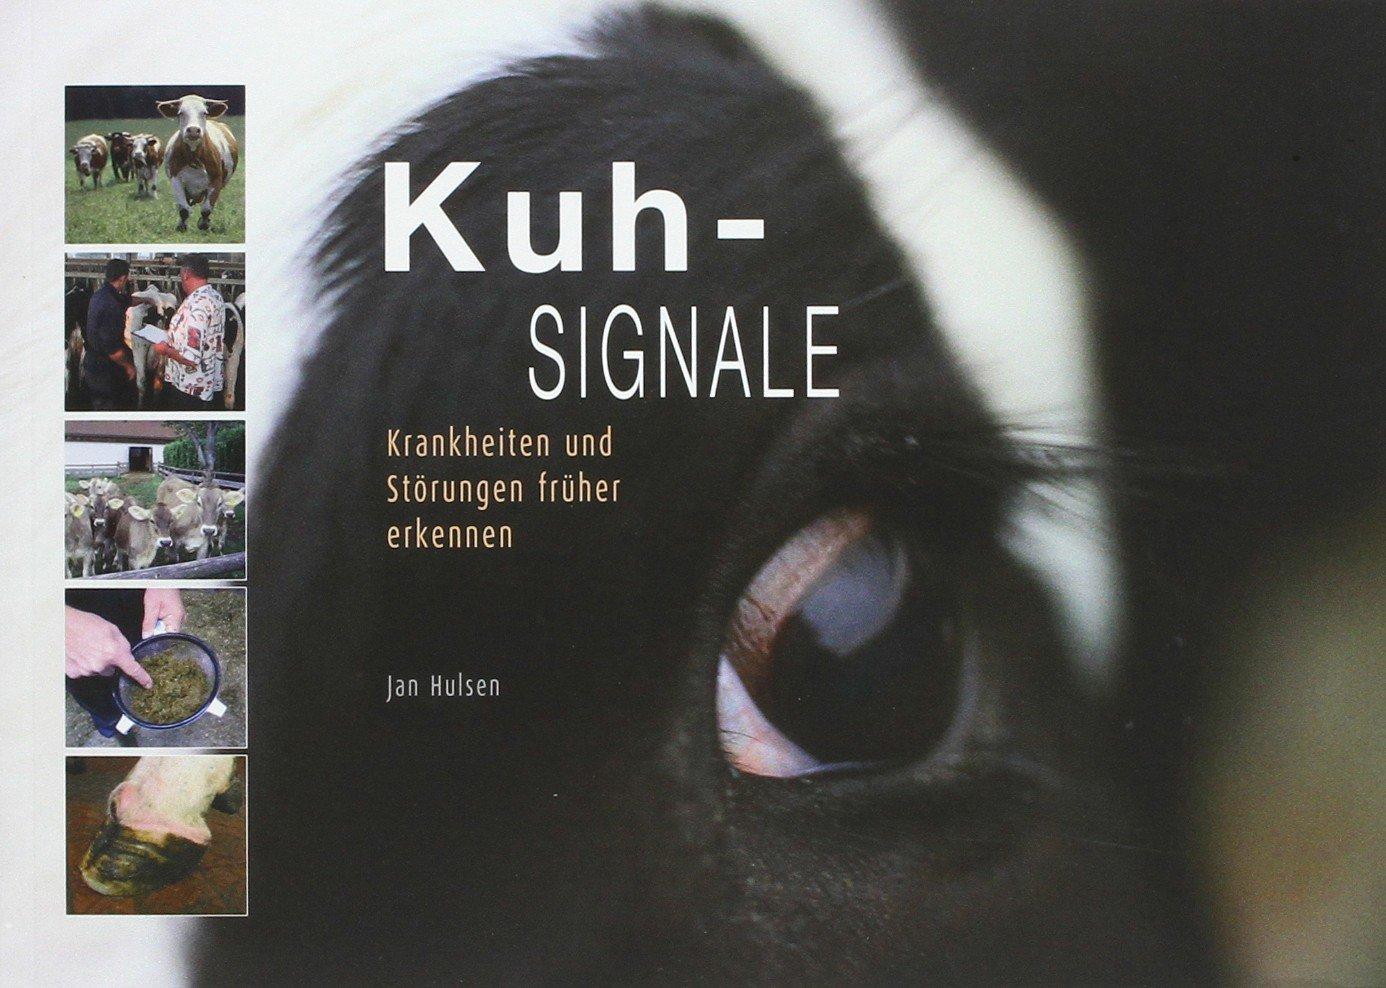 Kuh-Signale: Krankheiten und Störungen früher erkennen